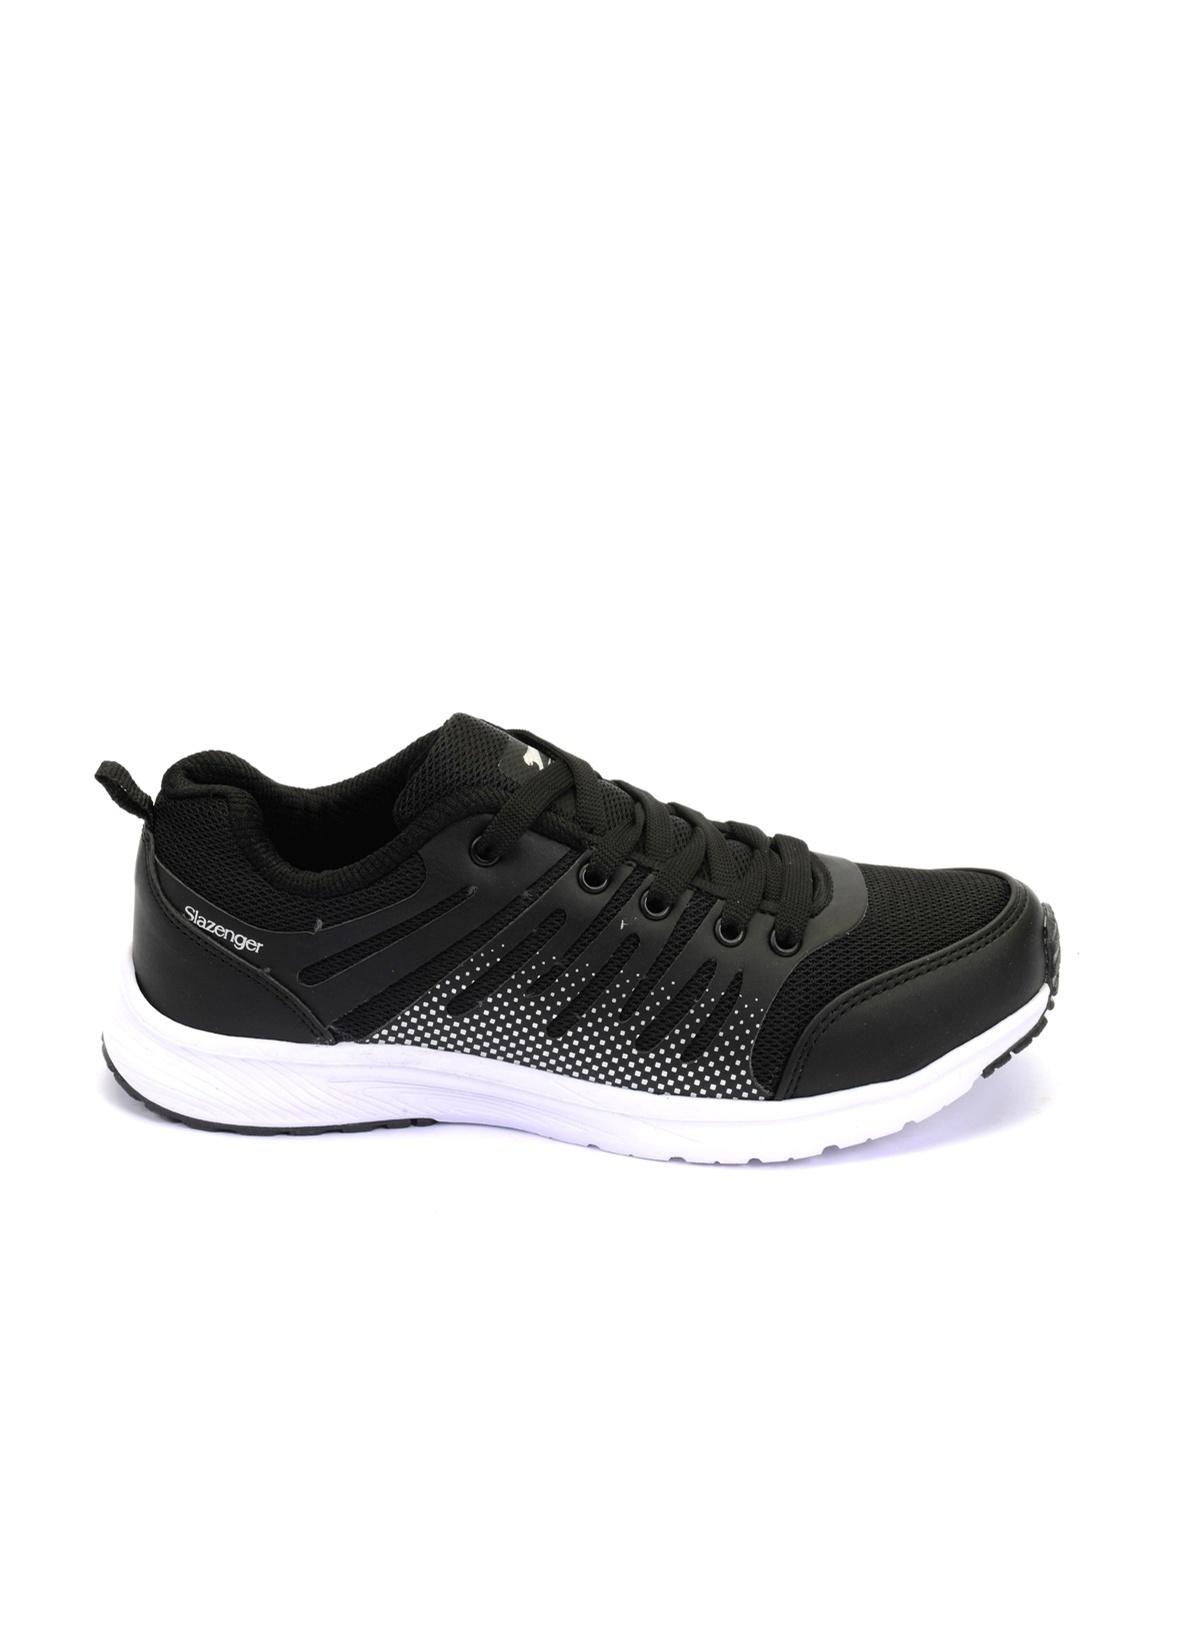 Slazenger Koşu Ayakkabısı Sa19rk007-500 Slazenger Fonda Koşu & Yür – 174.9 TL